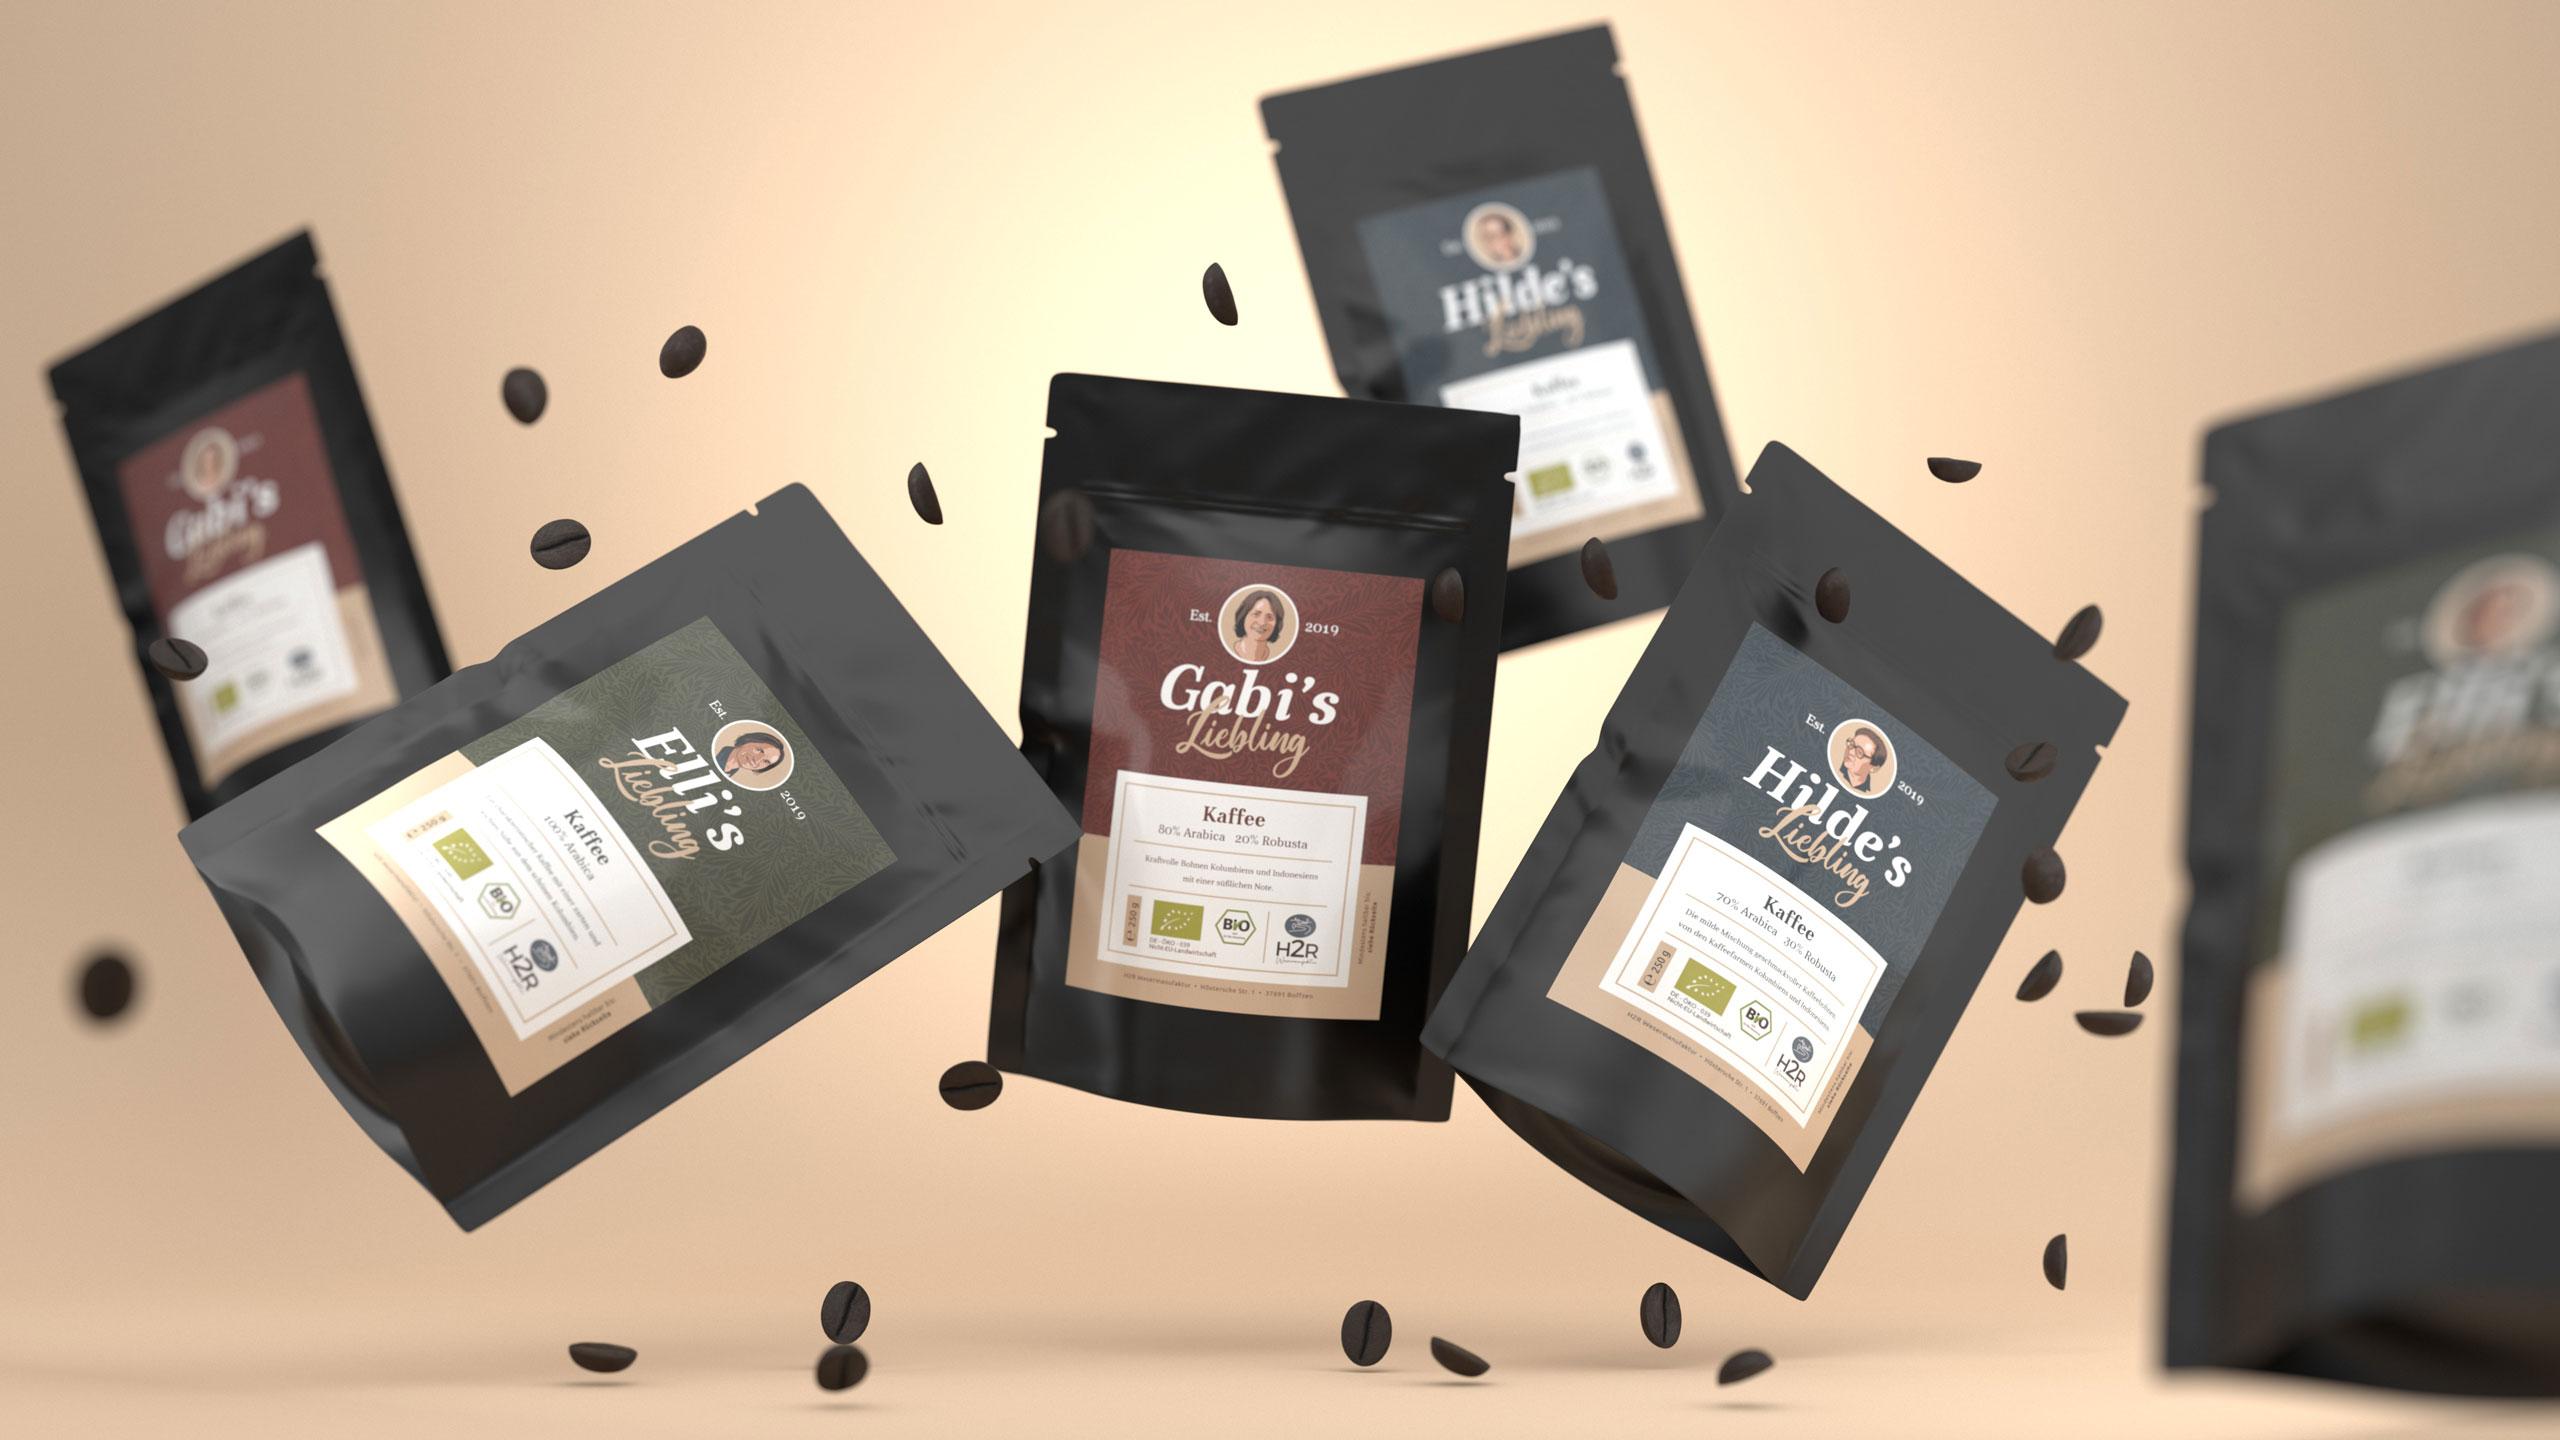 h2r_kaffee_floating_bags